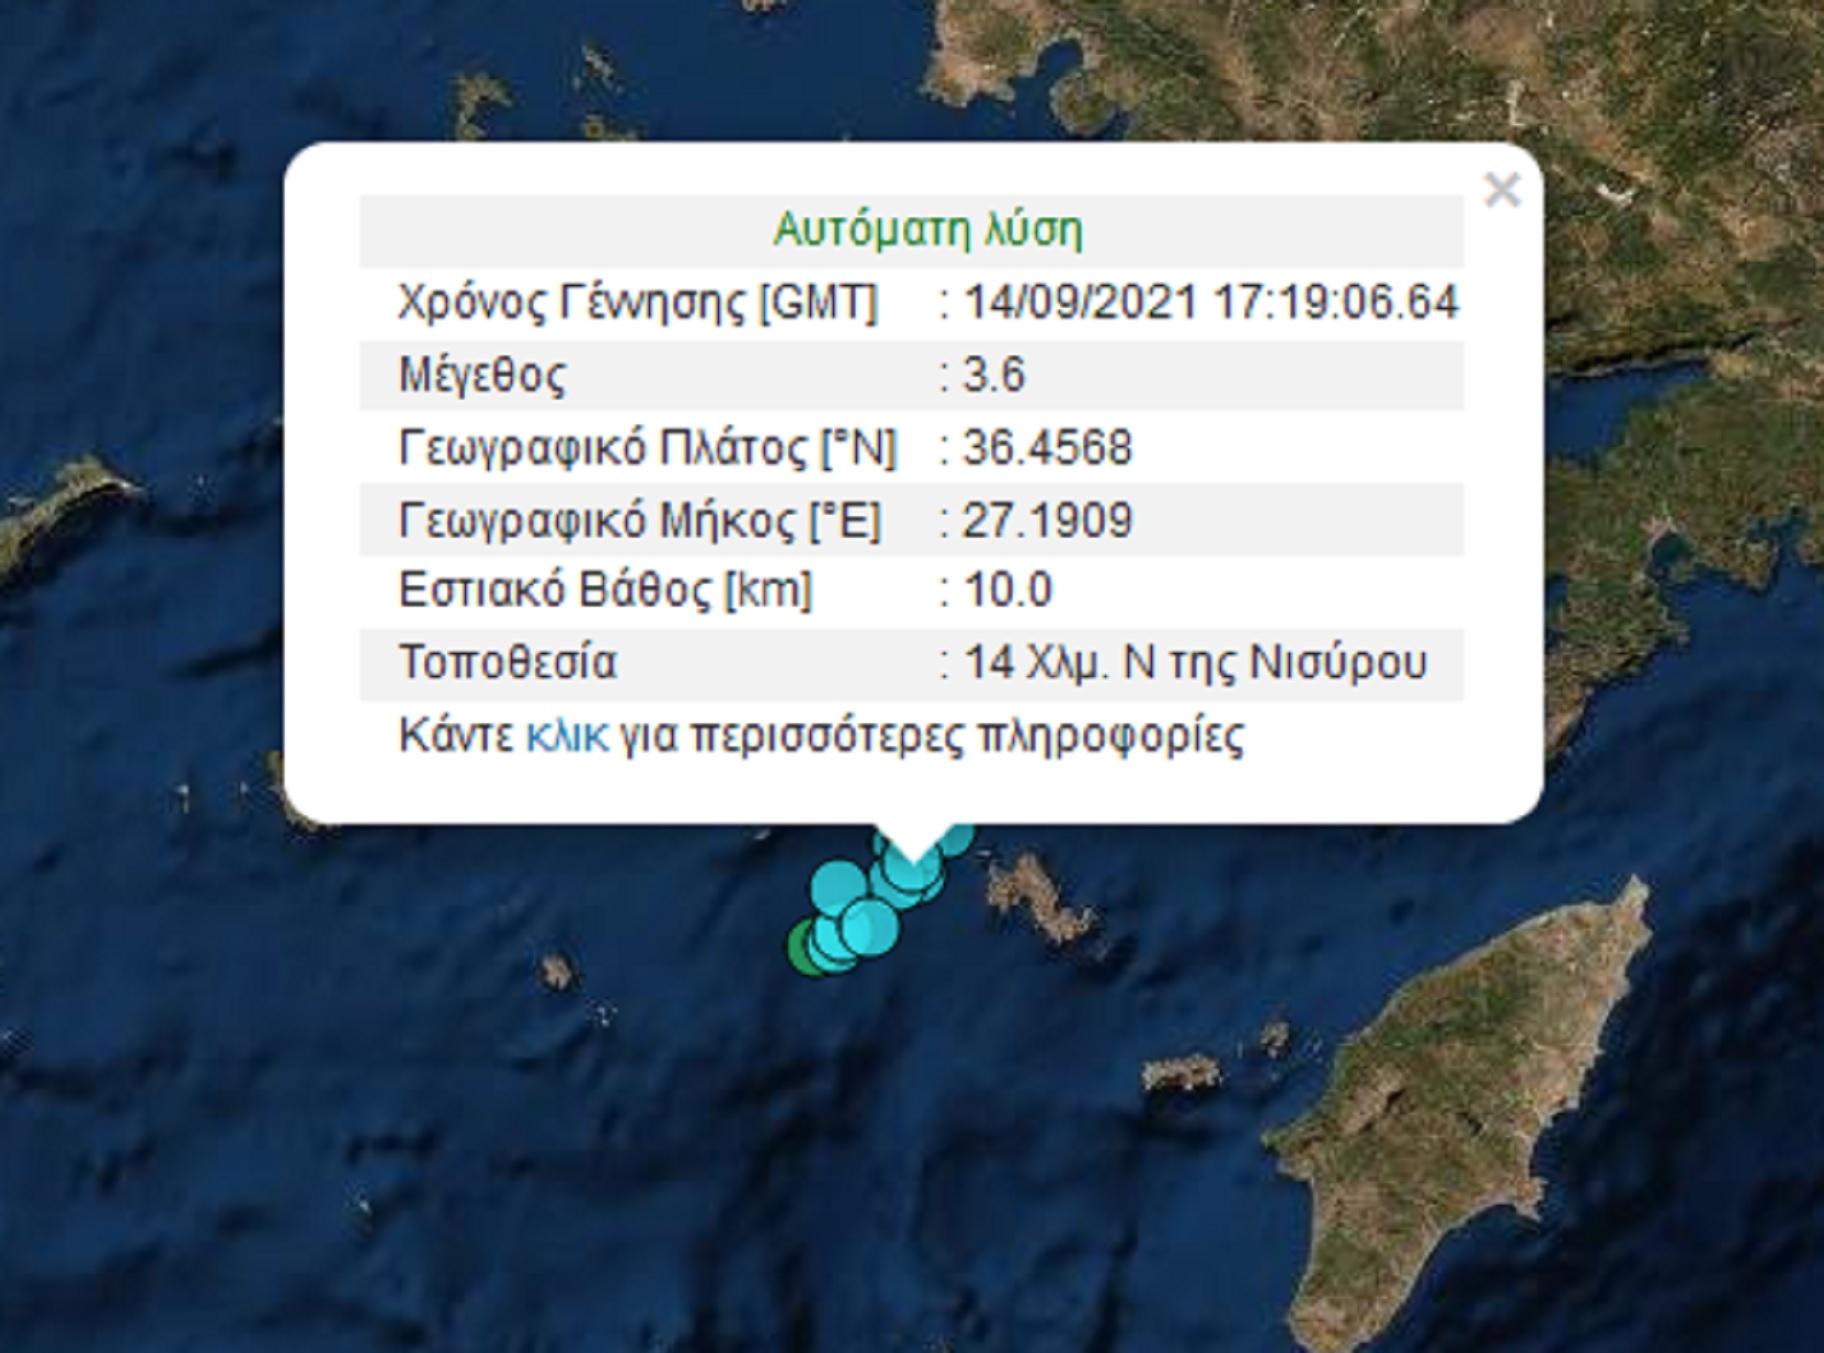 Σεισμός 3,6 Ρίχτερ στη Νίσυρο